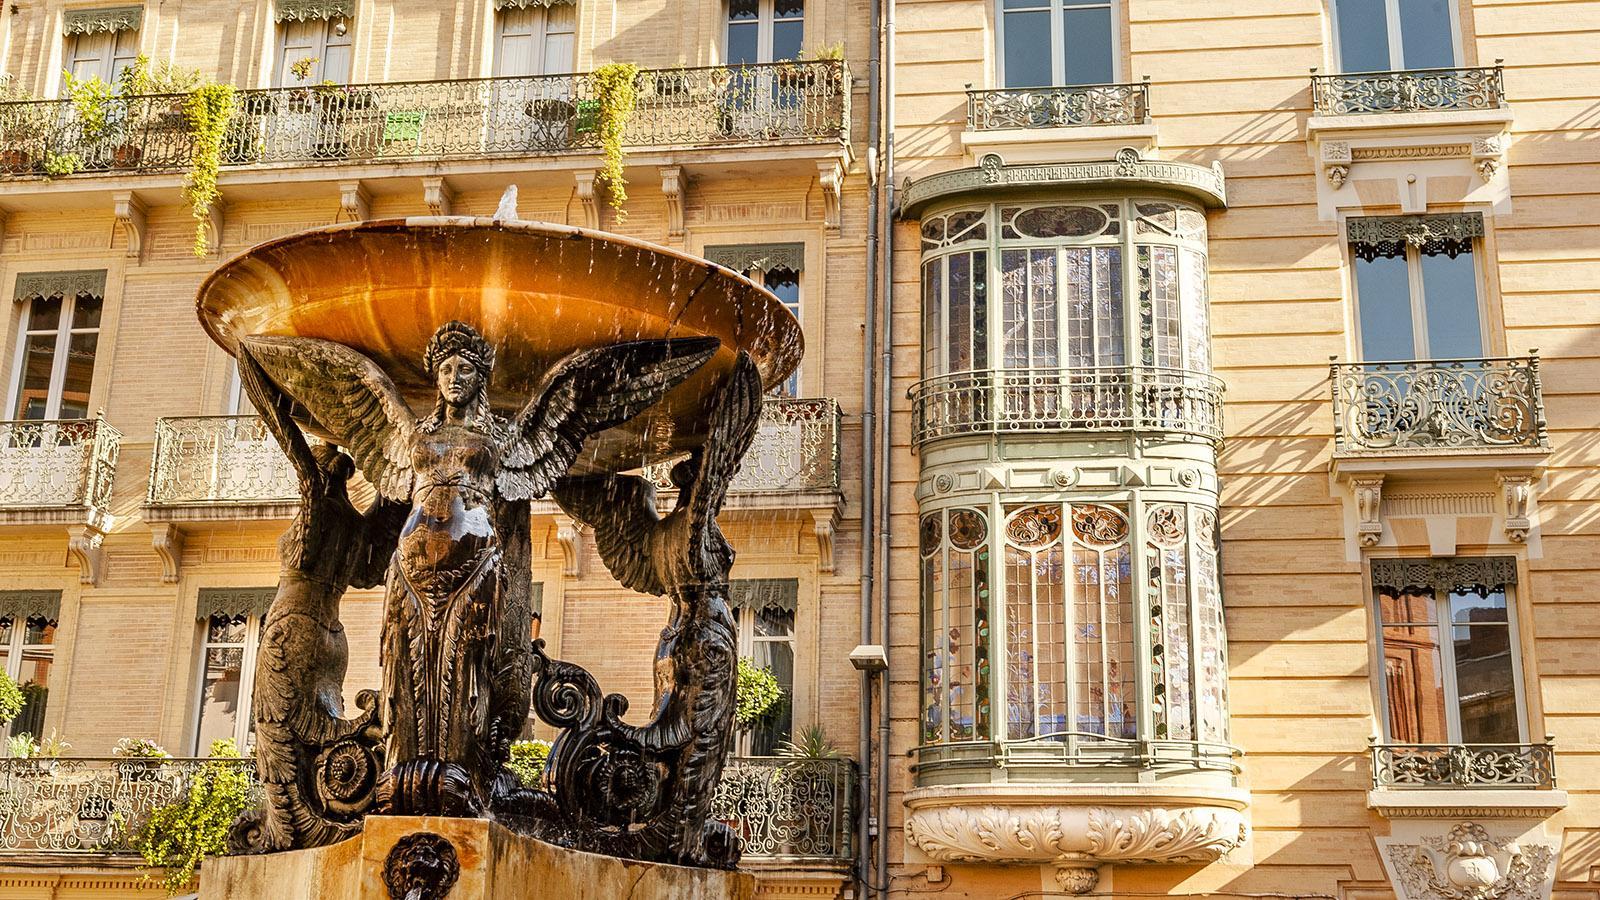 Toulouse: Auf vielen Plätzen sprudeln Brunnen. Und haben Cafés und Bars ihre Tische nach draußen gestellt... Foto: Hilke Maunder